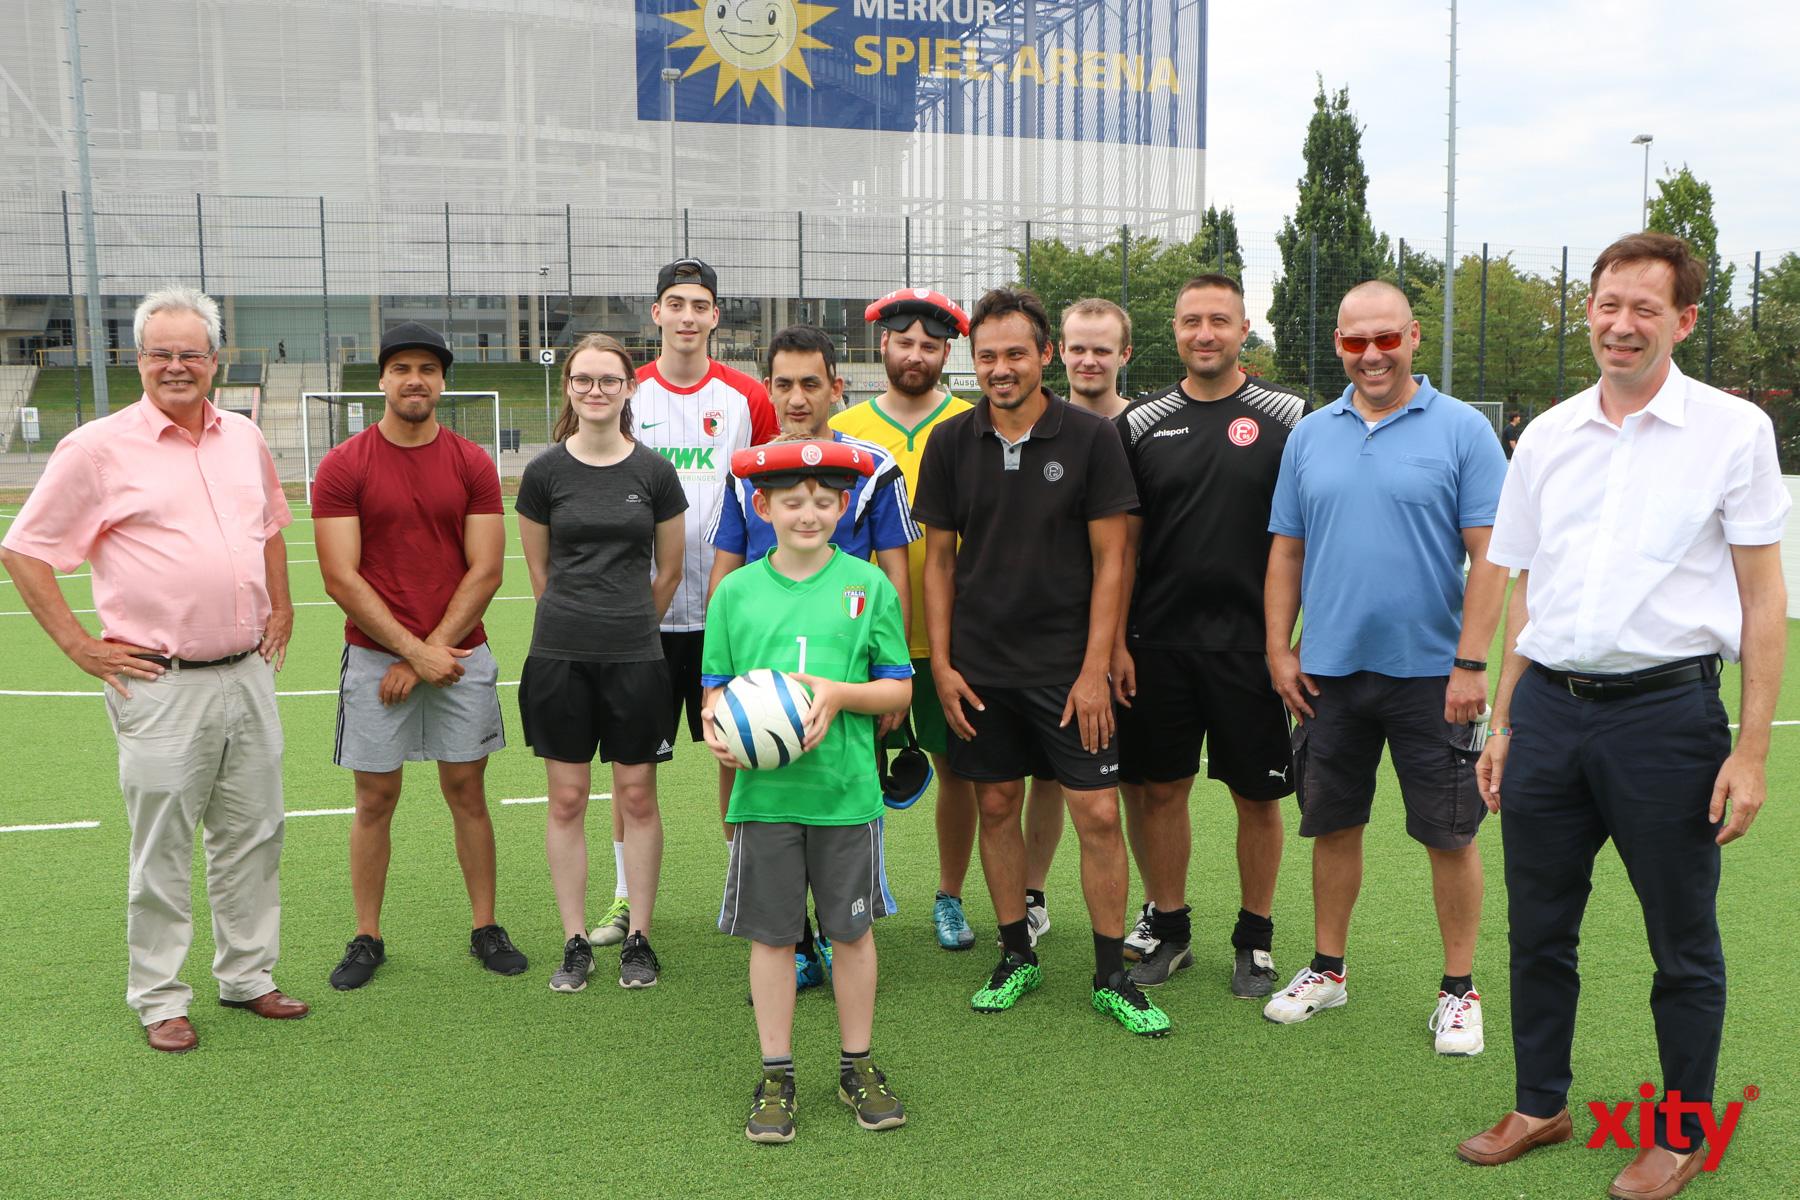 Am Dienstag wurde das neue Blindenfußballfeld offiziell eröffnet (Foto: xity)